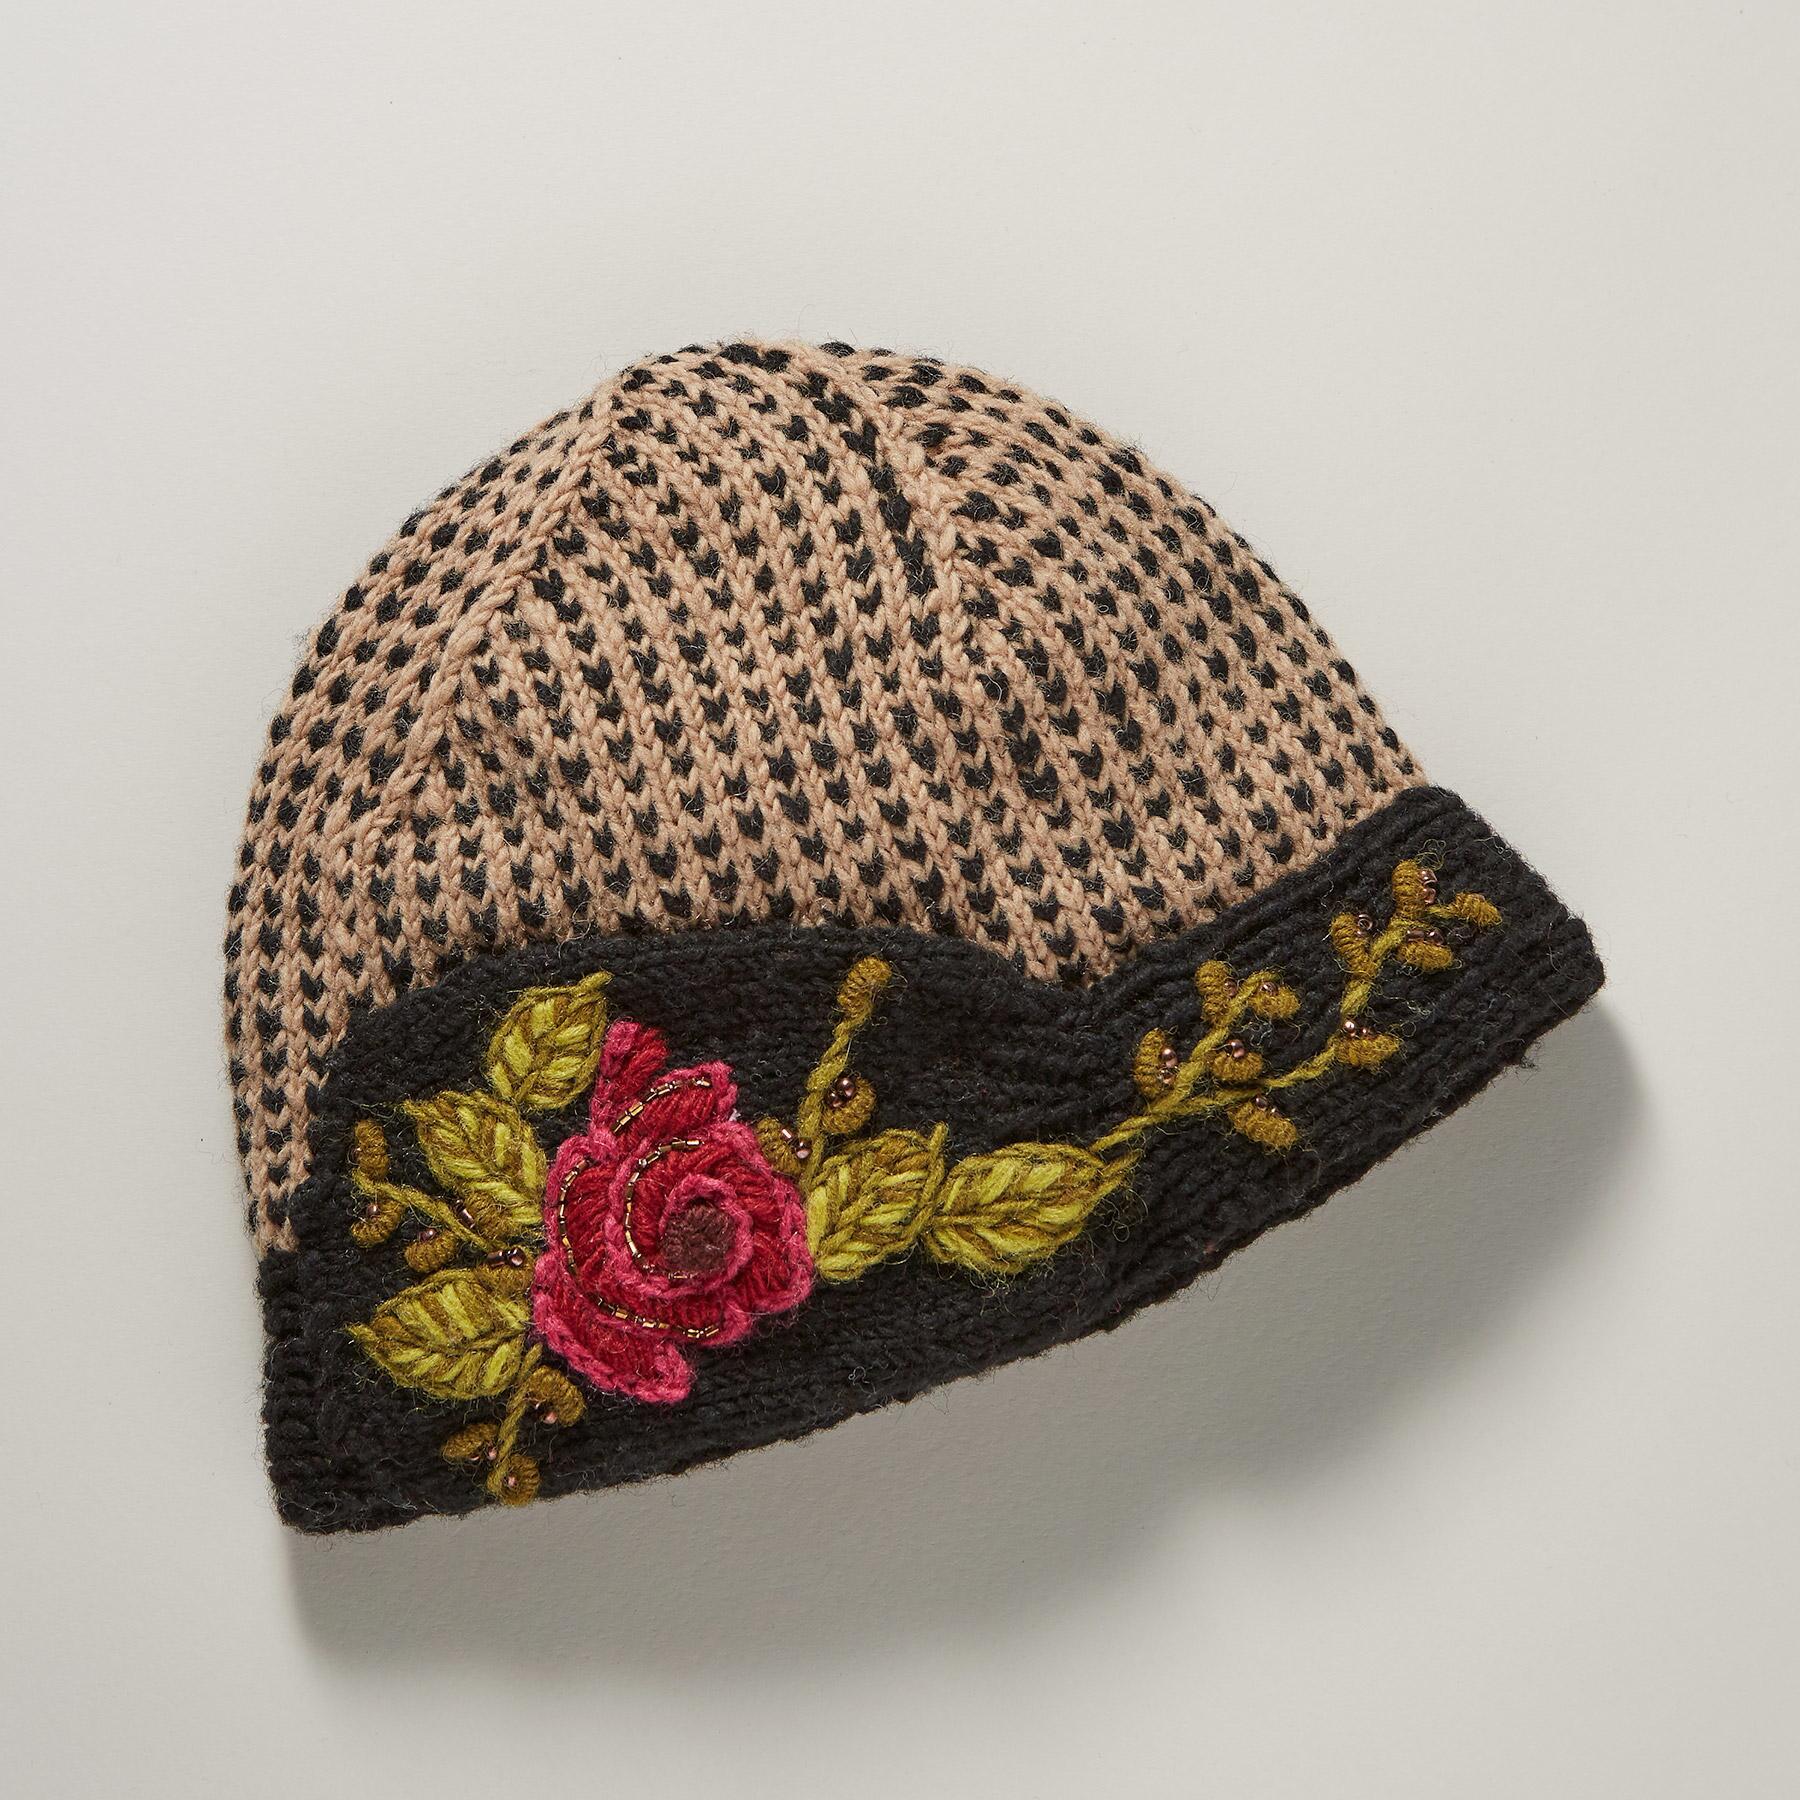 LUMI HAT: View 1